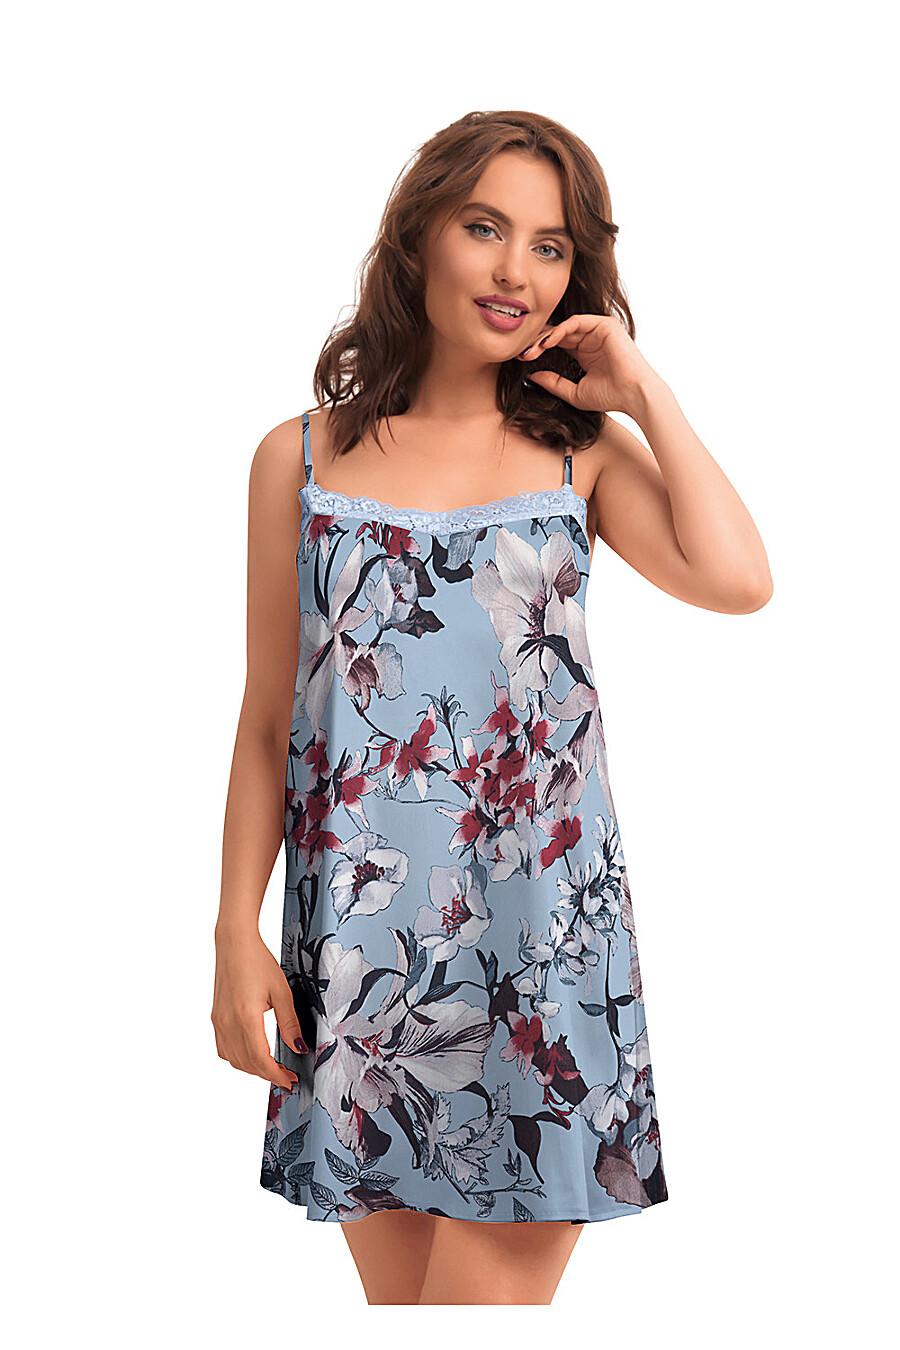 Сорочка для женщин CLEVER 158759 купить оптом от производителя. Совместная покупка женской одежды в OptMoyo